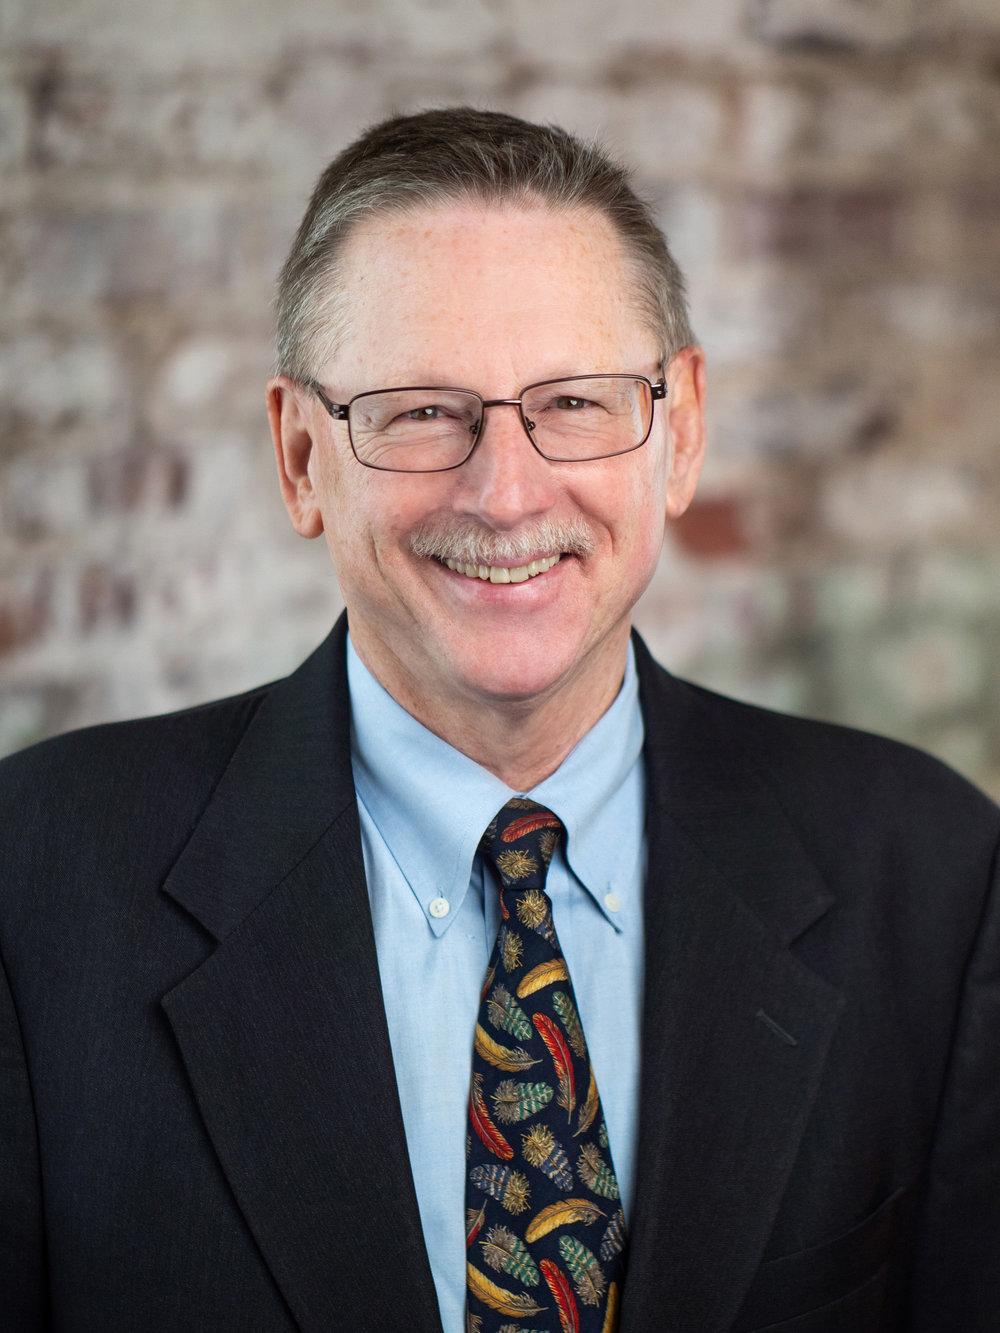 Michael Gidlewski